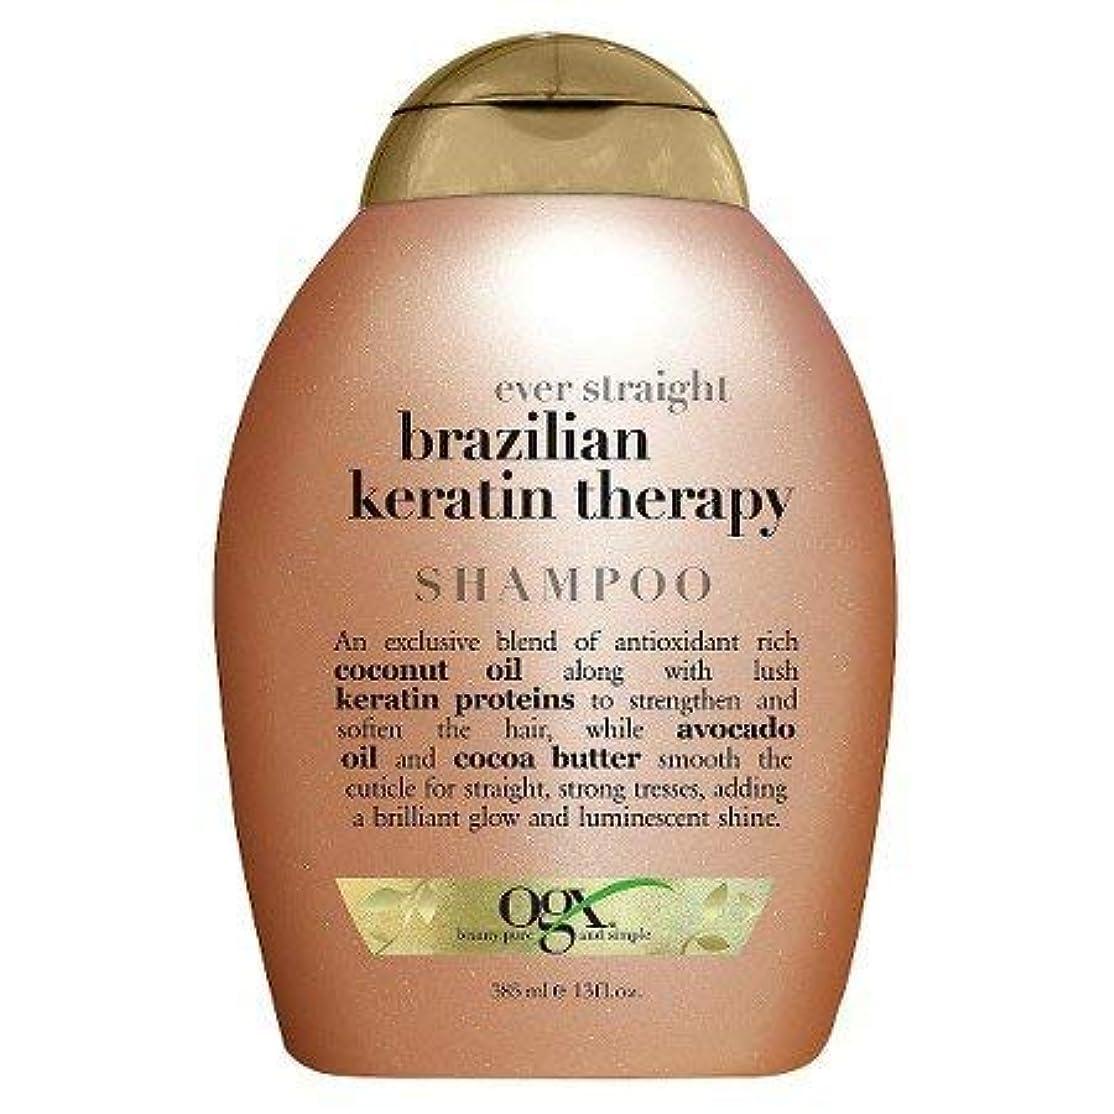 スパイ見分けるさまようOGX Ever Straight Sulfate & Sodium Free Brazilian Keratin Therapy Shampoo 360ml エヴァーストレートブラジルケラチンセラピーシャンプーシャンプー...